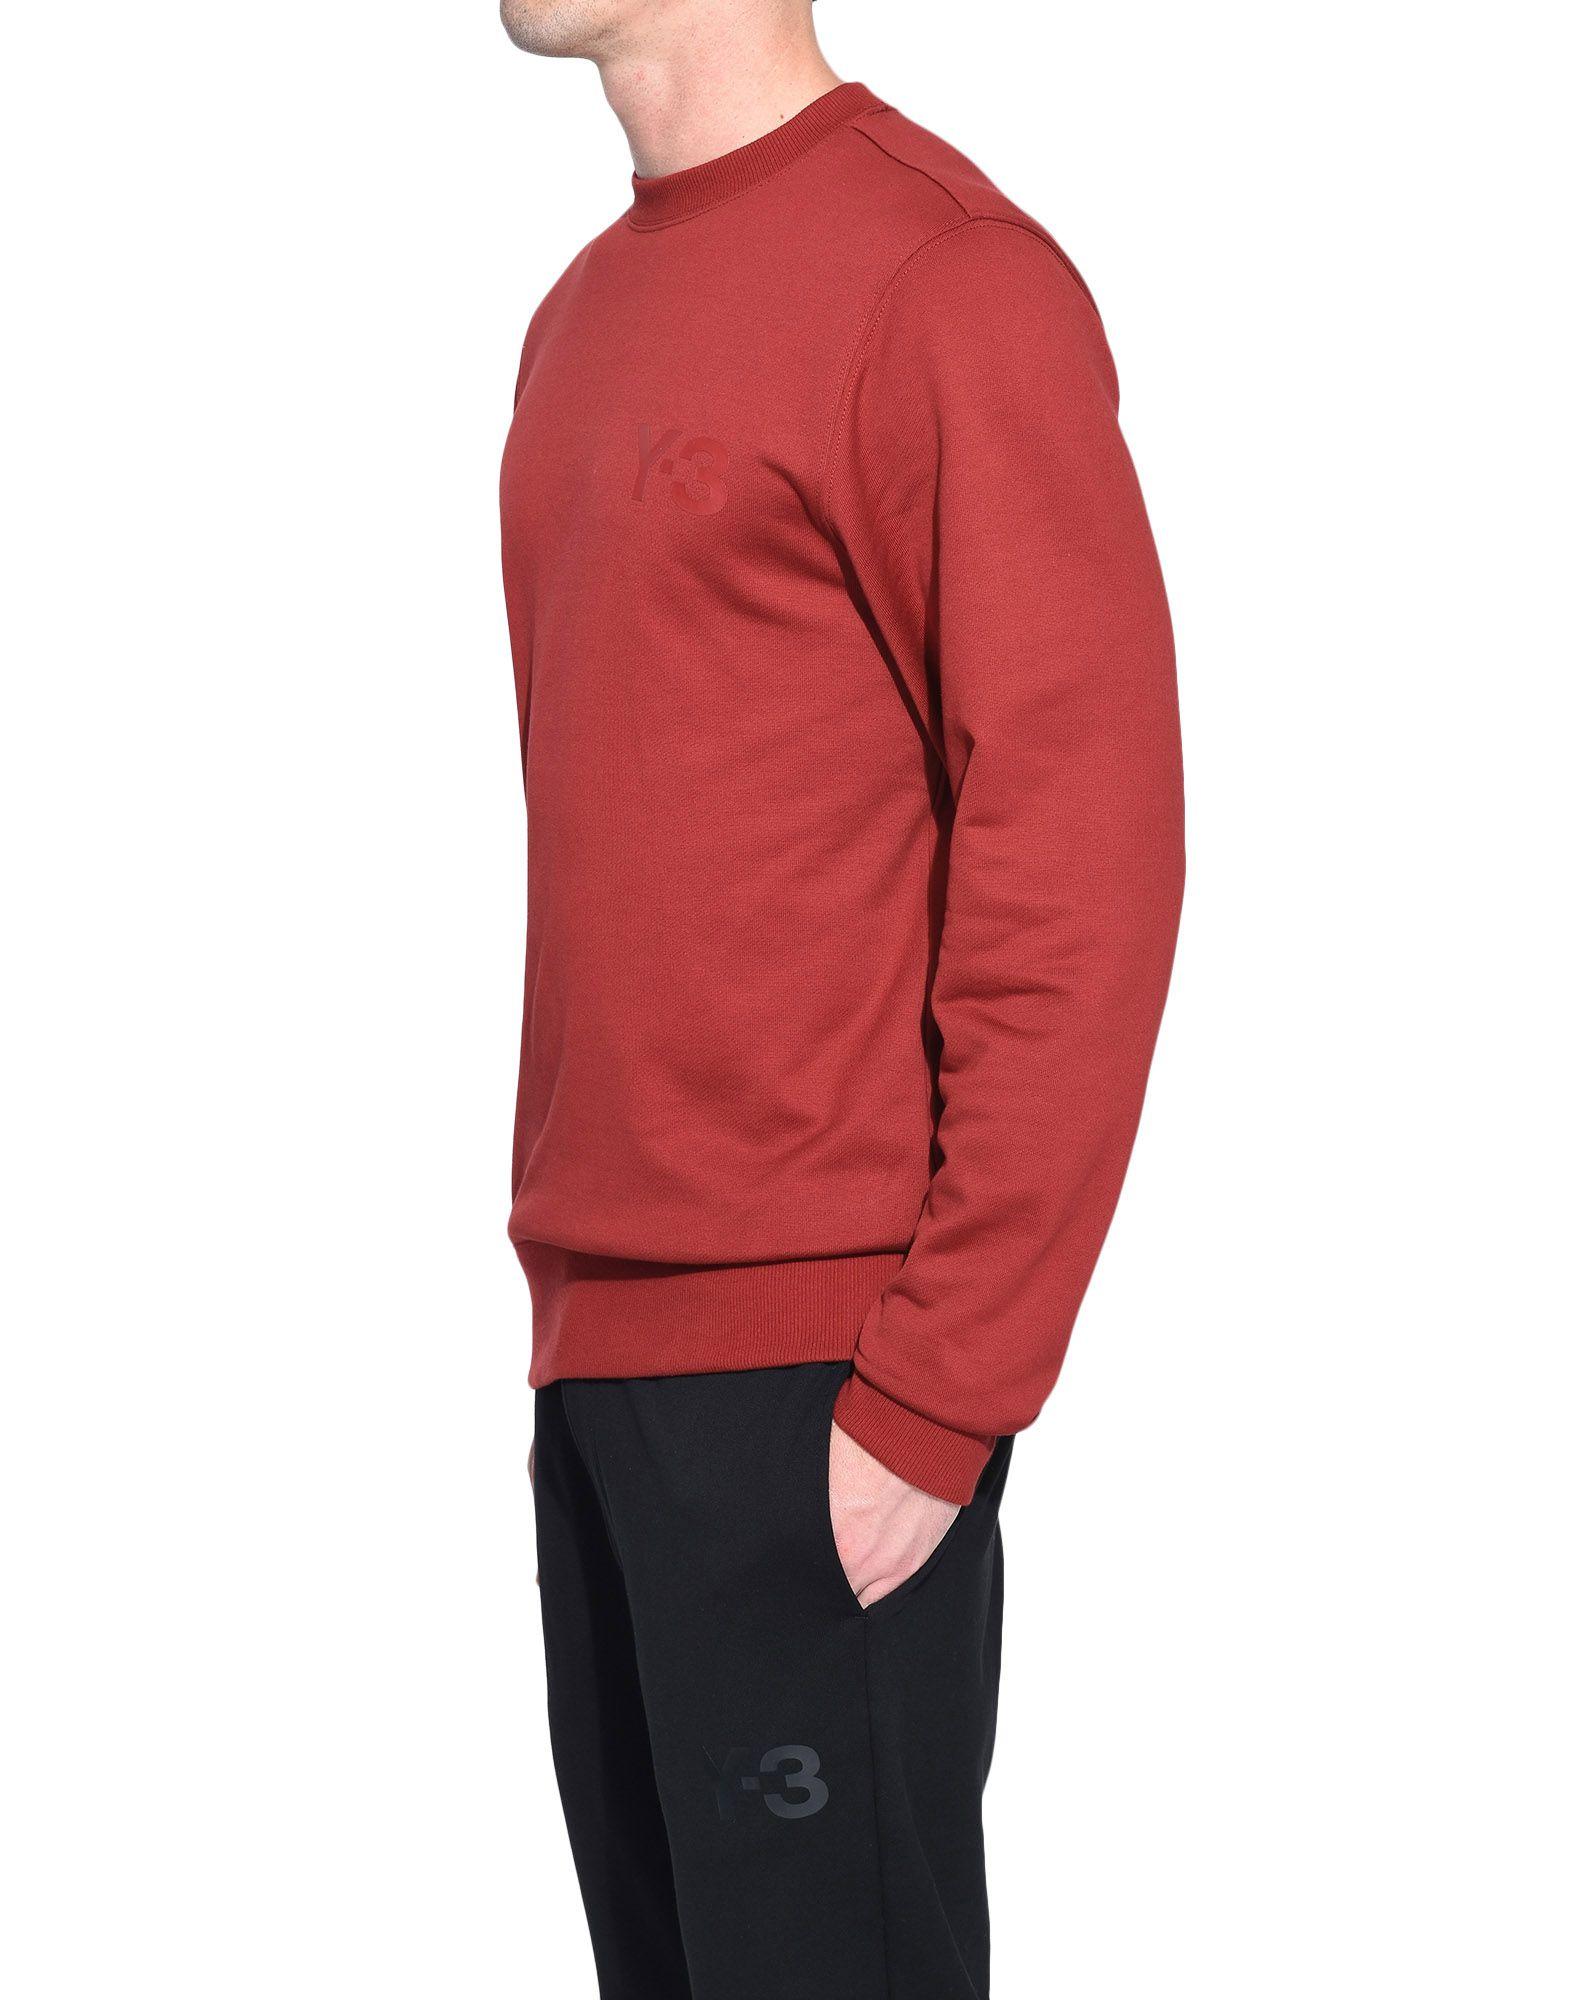 Y-3 Y-3 Classic Sweater Sweatshirt Man e